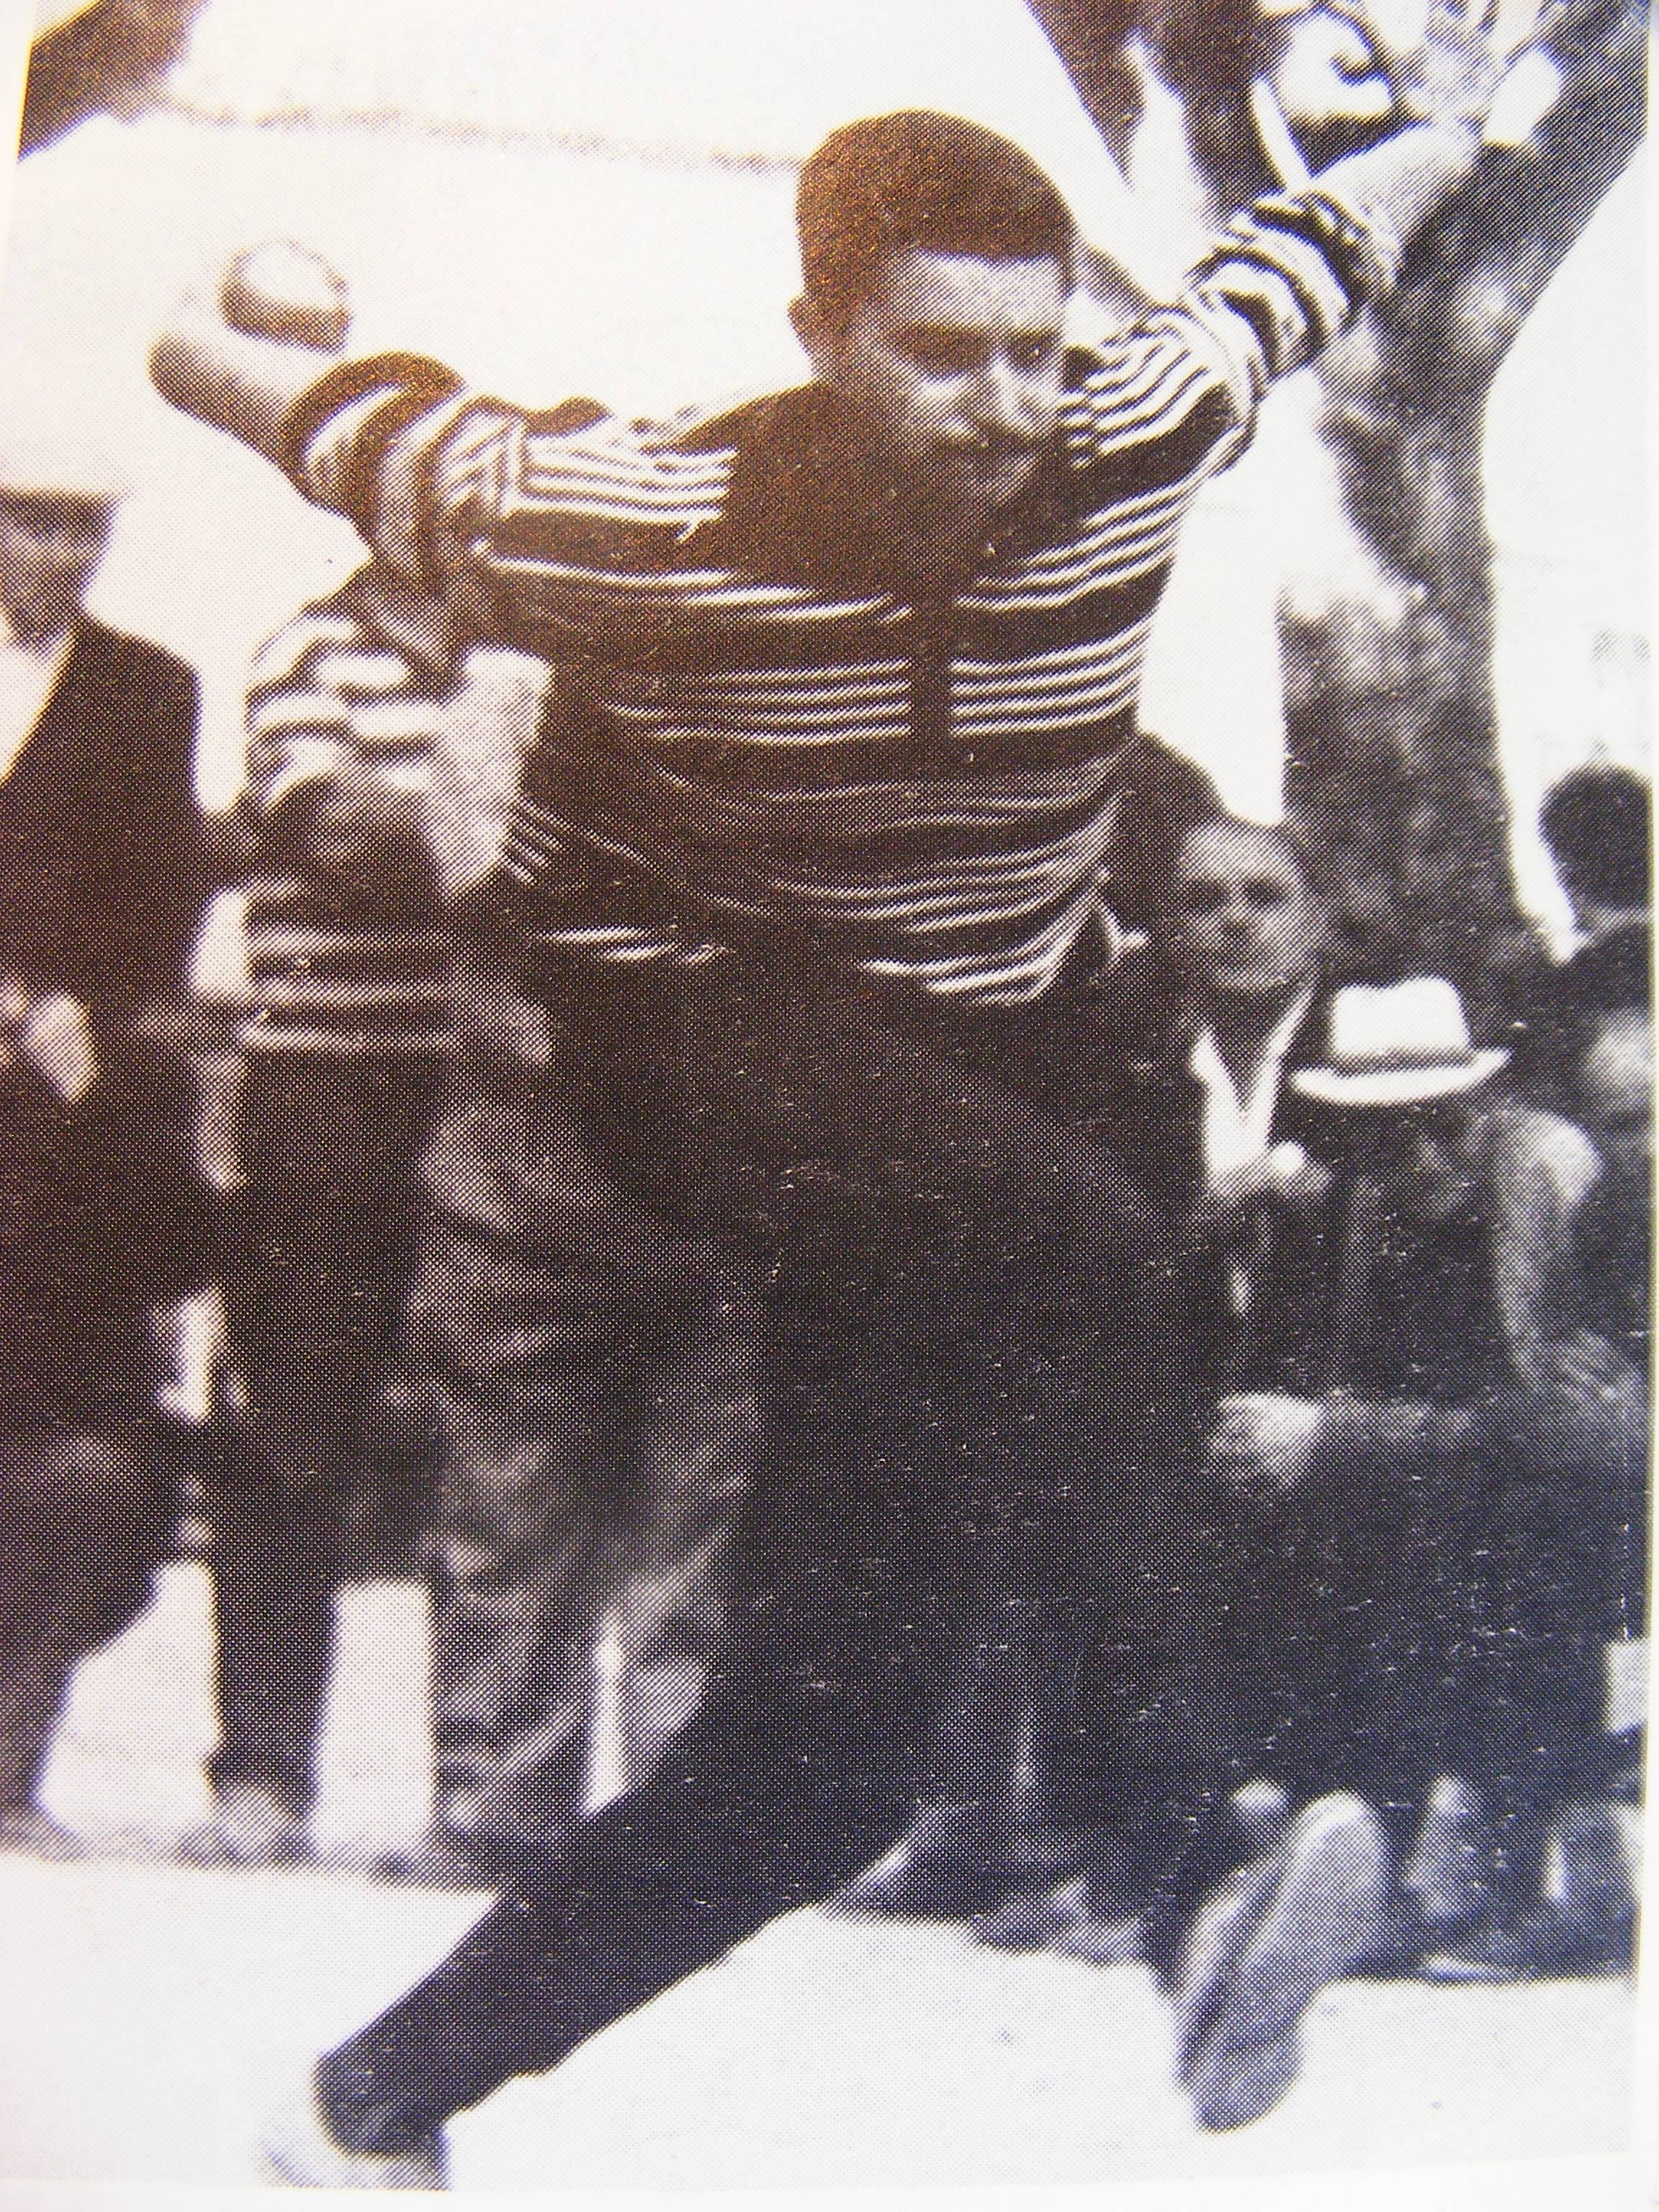 Jo CAVALIERE à ses débuts, admirez le style, la fluidité et la tenue de boule...(Photo Jacky Roggero)